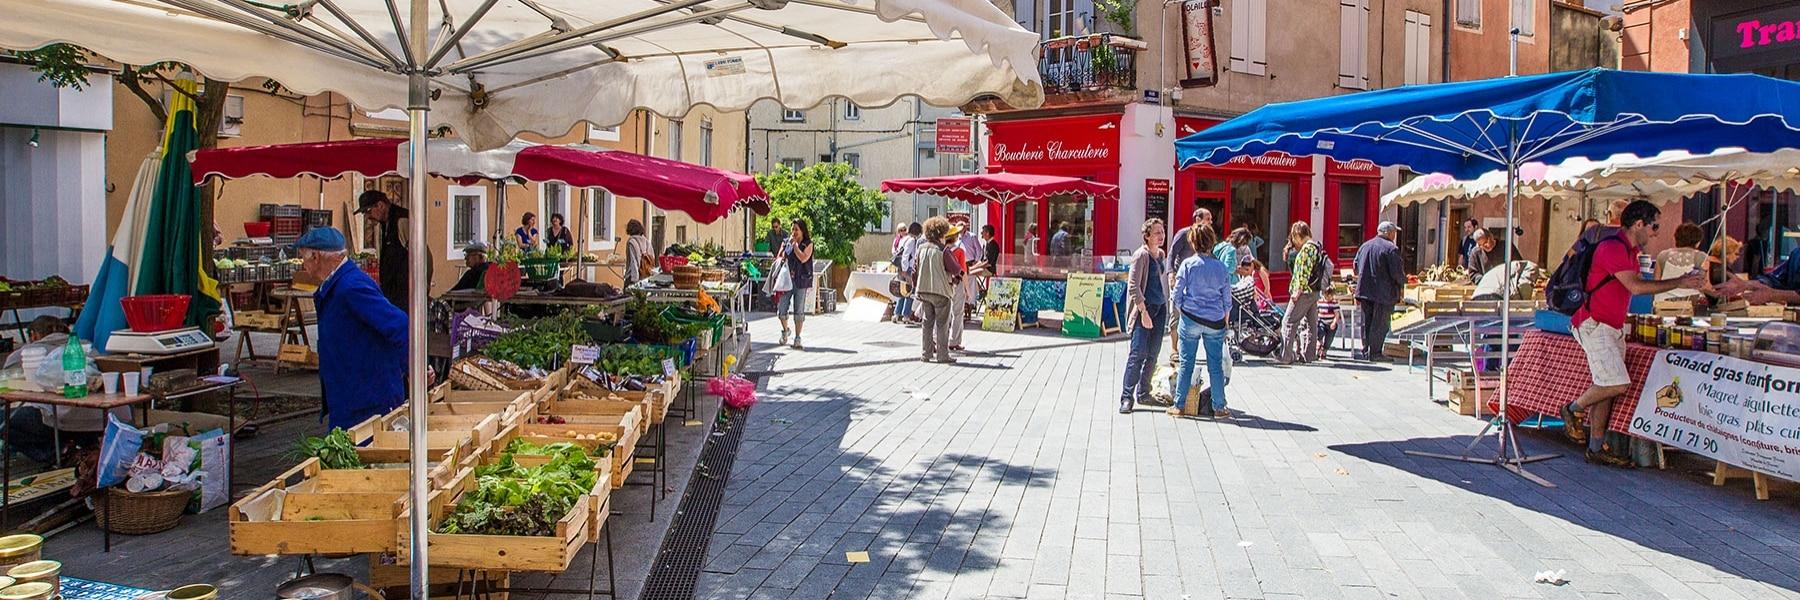 Gastronomie et marchés de producteurs